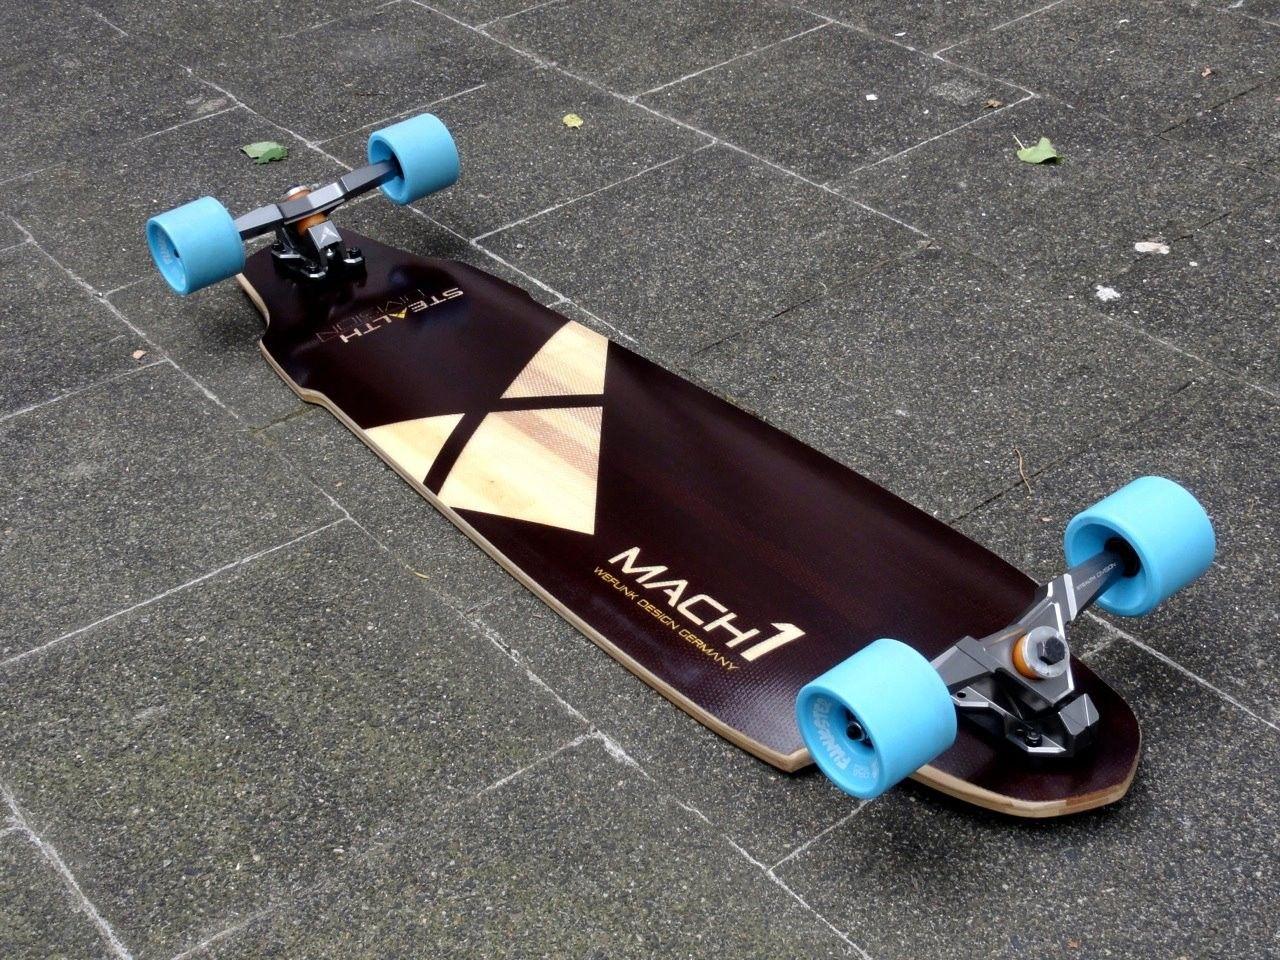 Wefunk Mach 1 Deck Wefunk Longboard Decks Canada S